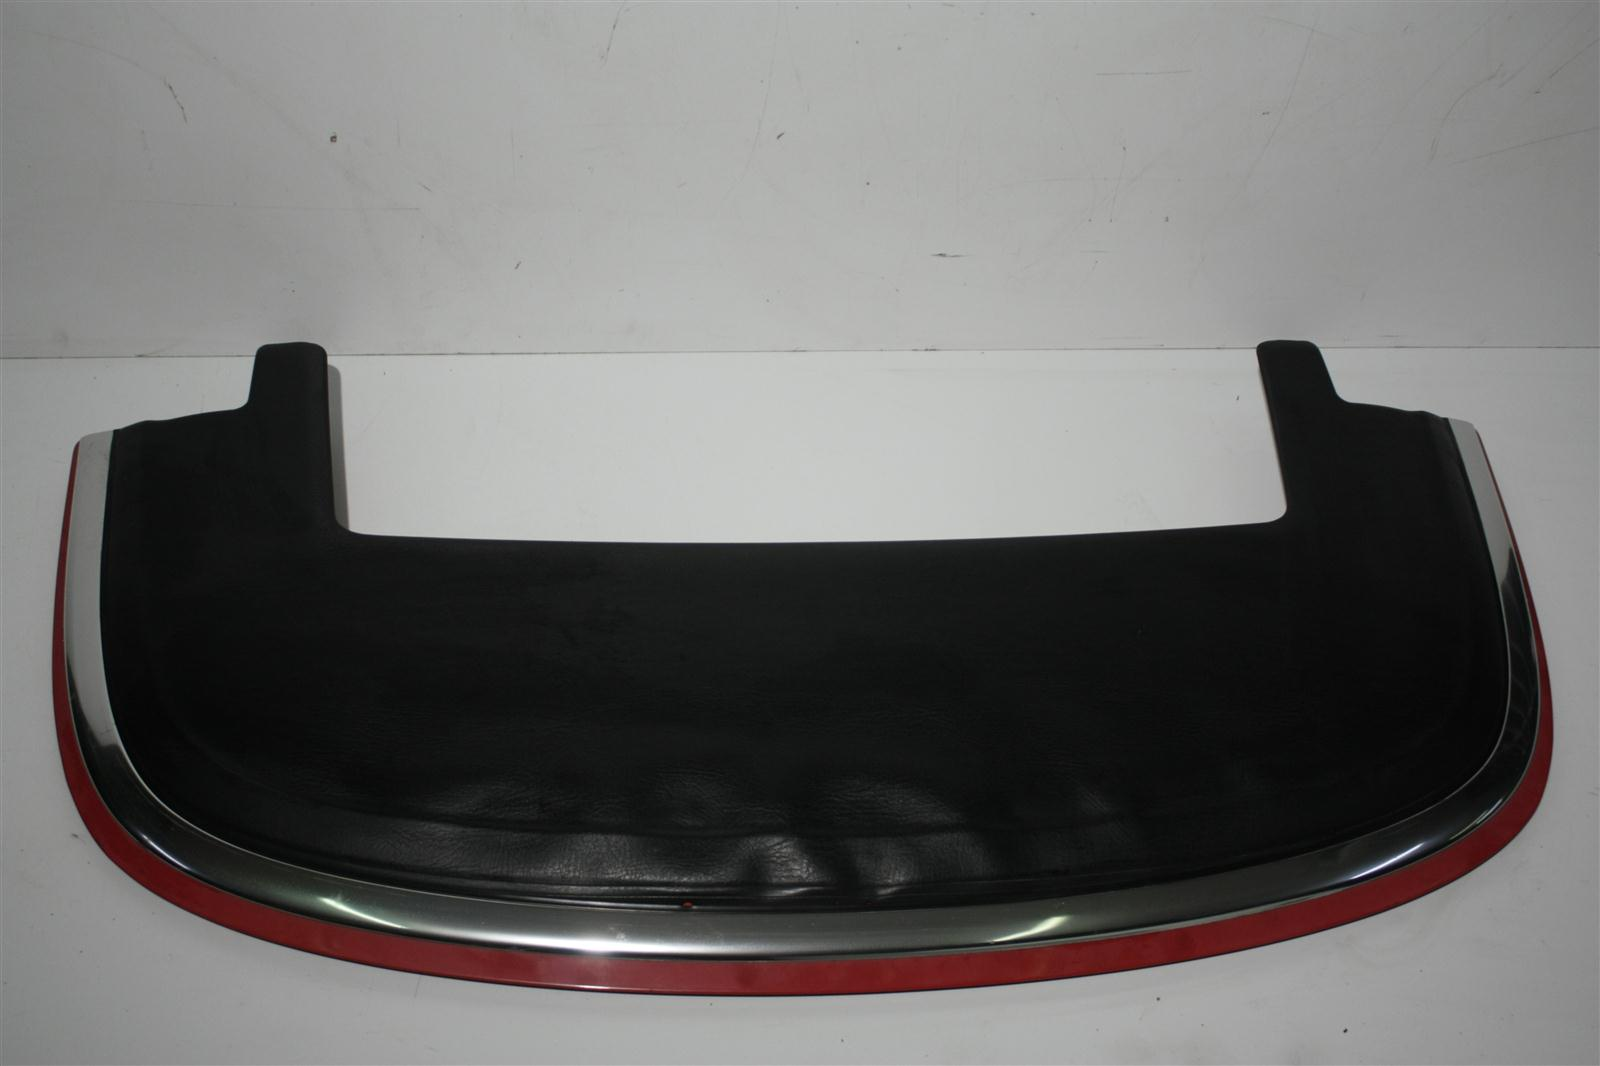 Audi Cabrio Typ 89 Verdeckdeckel Farbe rot, Bezug schwarz